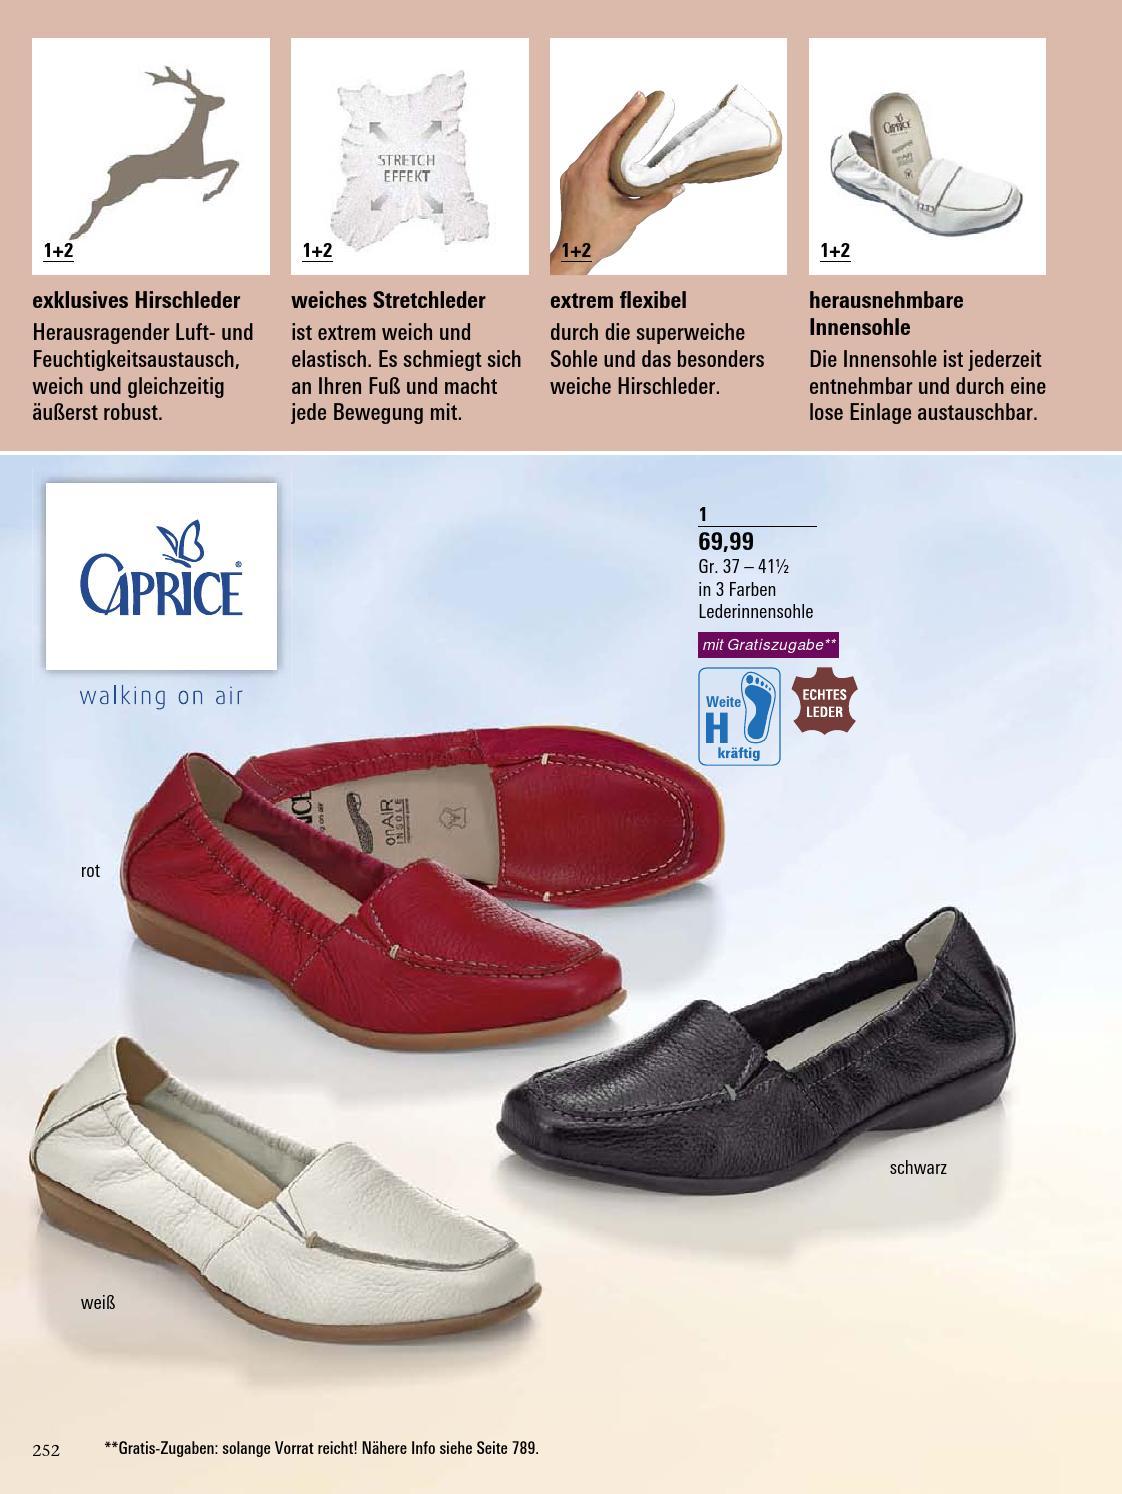 Каталог Gebruder Gotz весна лето 2014. Заказ обуви на www